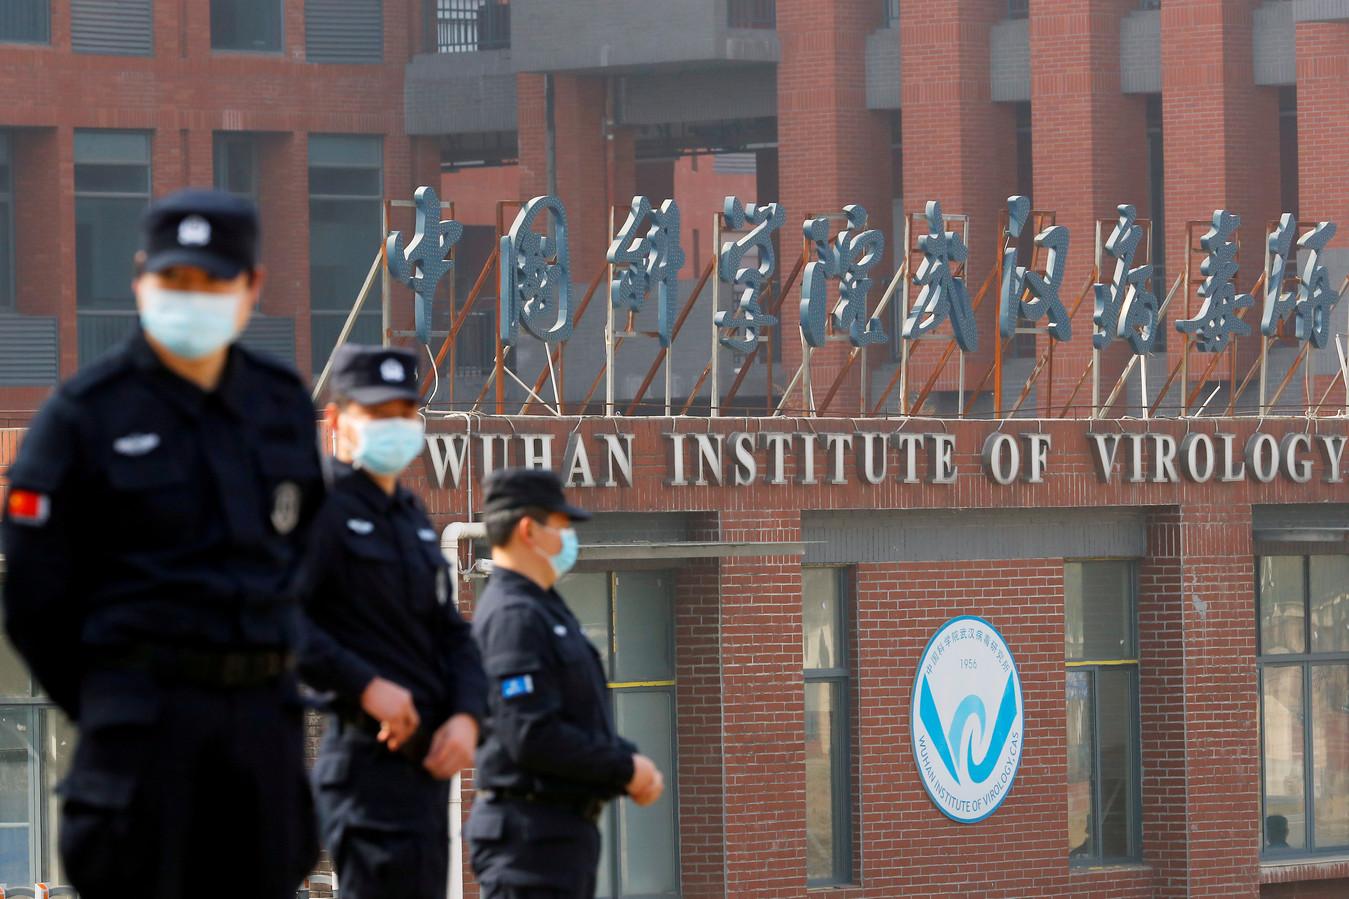 Beveiligers bij het Virologie Instituut in de Chinese stad Wuhan tijdens het bezoek van een team experts van de Wereldgezondheidsorganisatie (WHO) in februari.